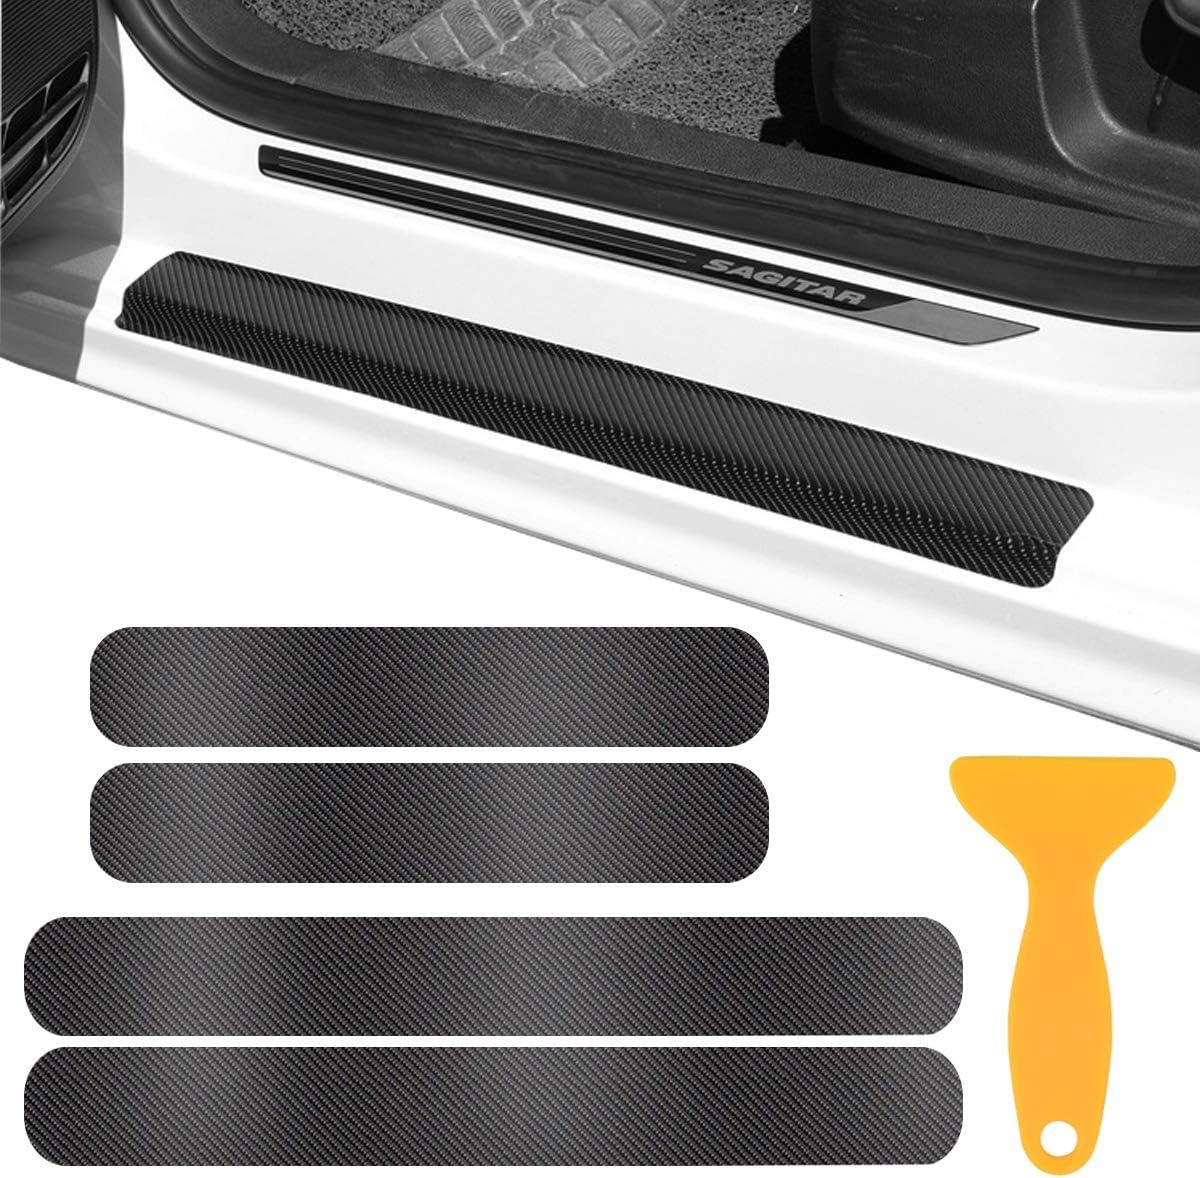 Kissral 4 Stk Auto Einstiegsleisten Aufkleber Universal Autotür Schutz Kratzfeste Schutzfolie Lackschutzfolie Türeinstiege Schritt Platte Anti Scratch Abdeckung Auto